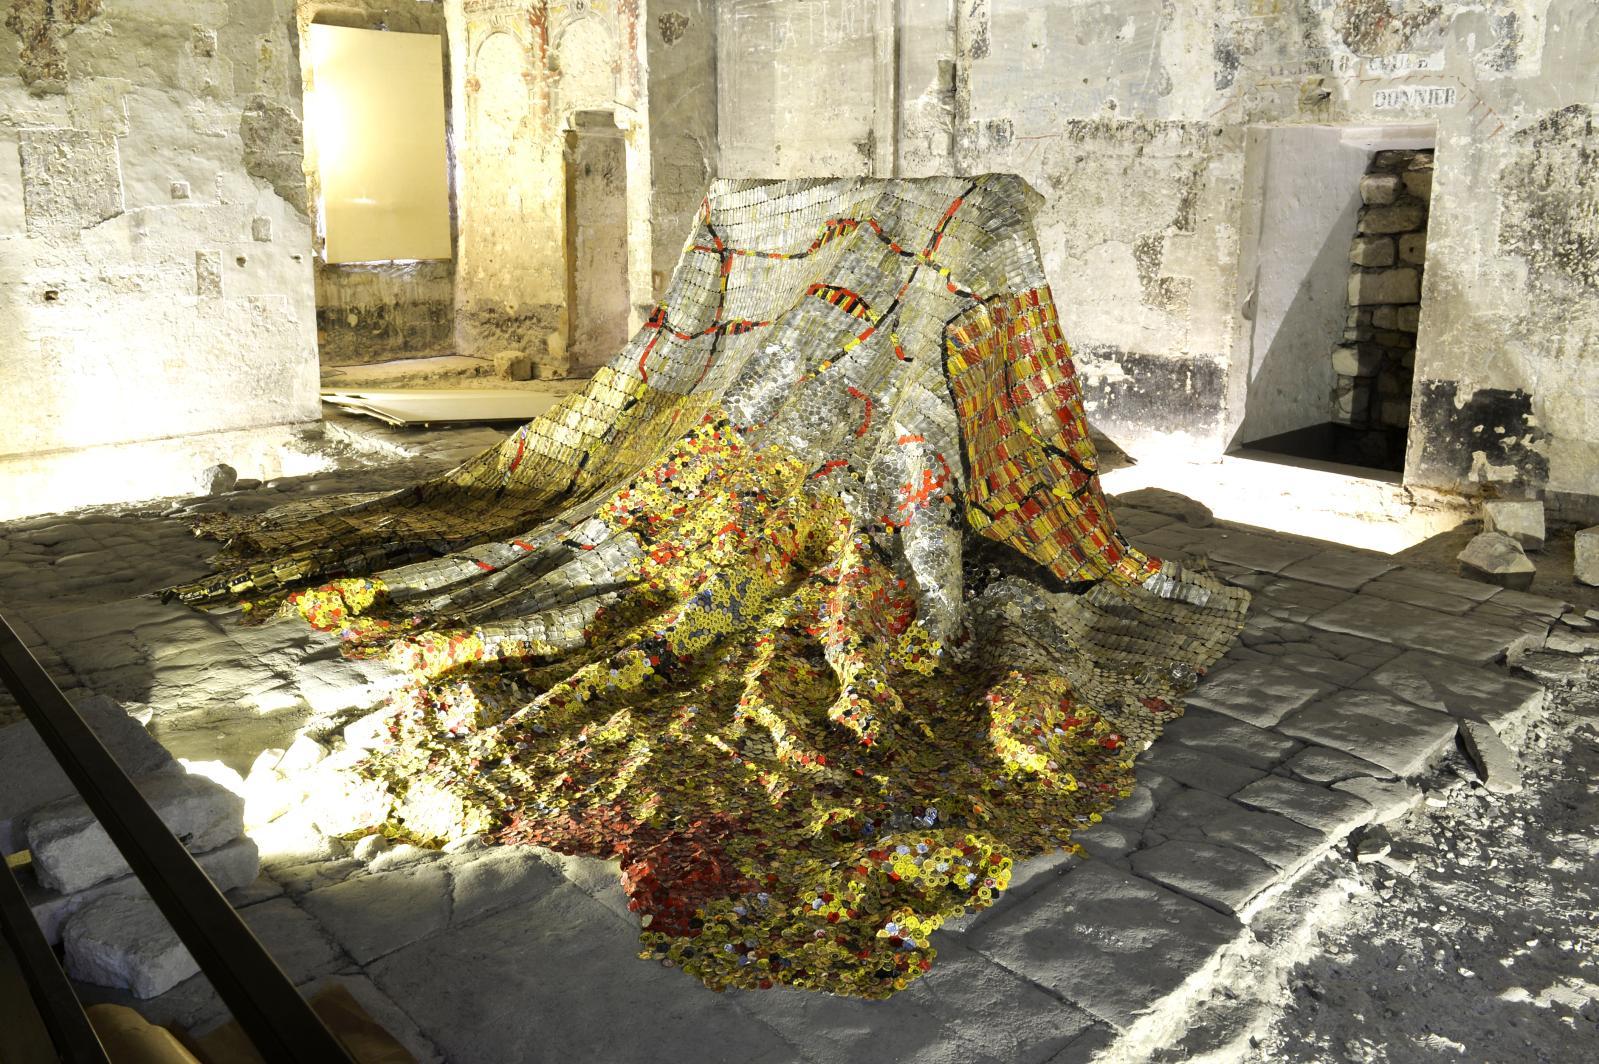 El Anatsui (1944), Confluences, 2008, bandes d'aluminium et fils de cuivre. Œuvre exposée au Palais des Papes à Avignon dans le cadre de l'exposition